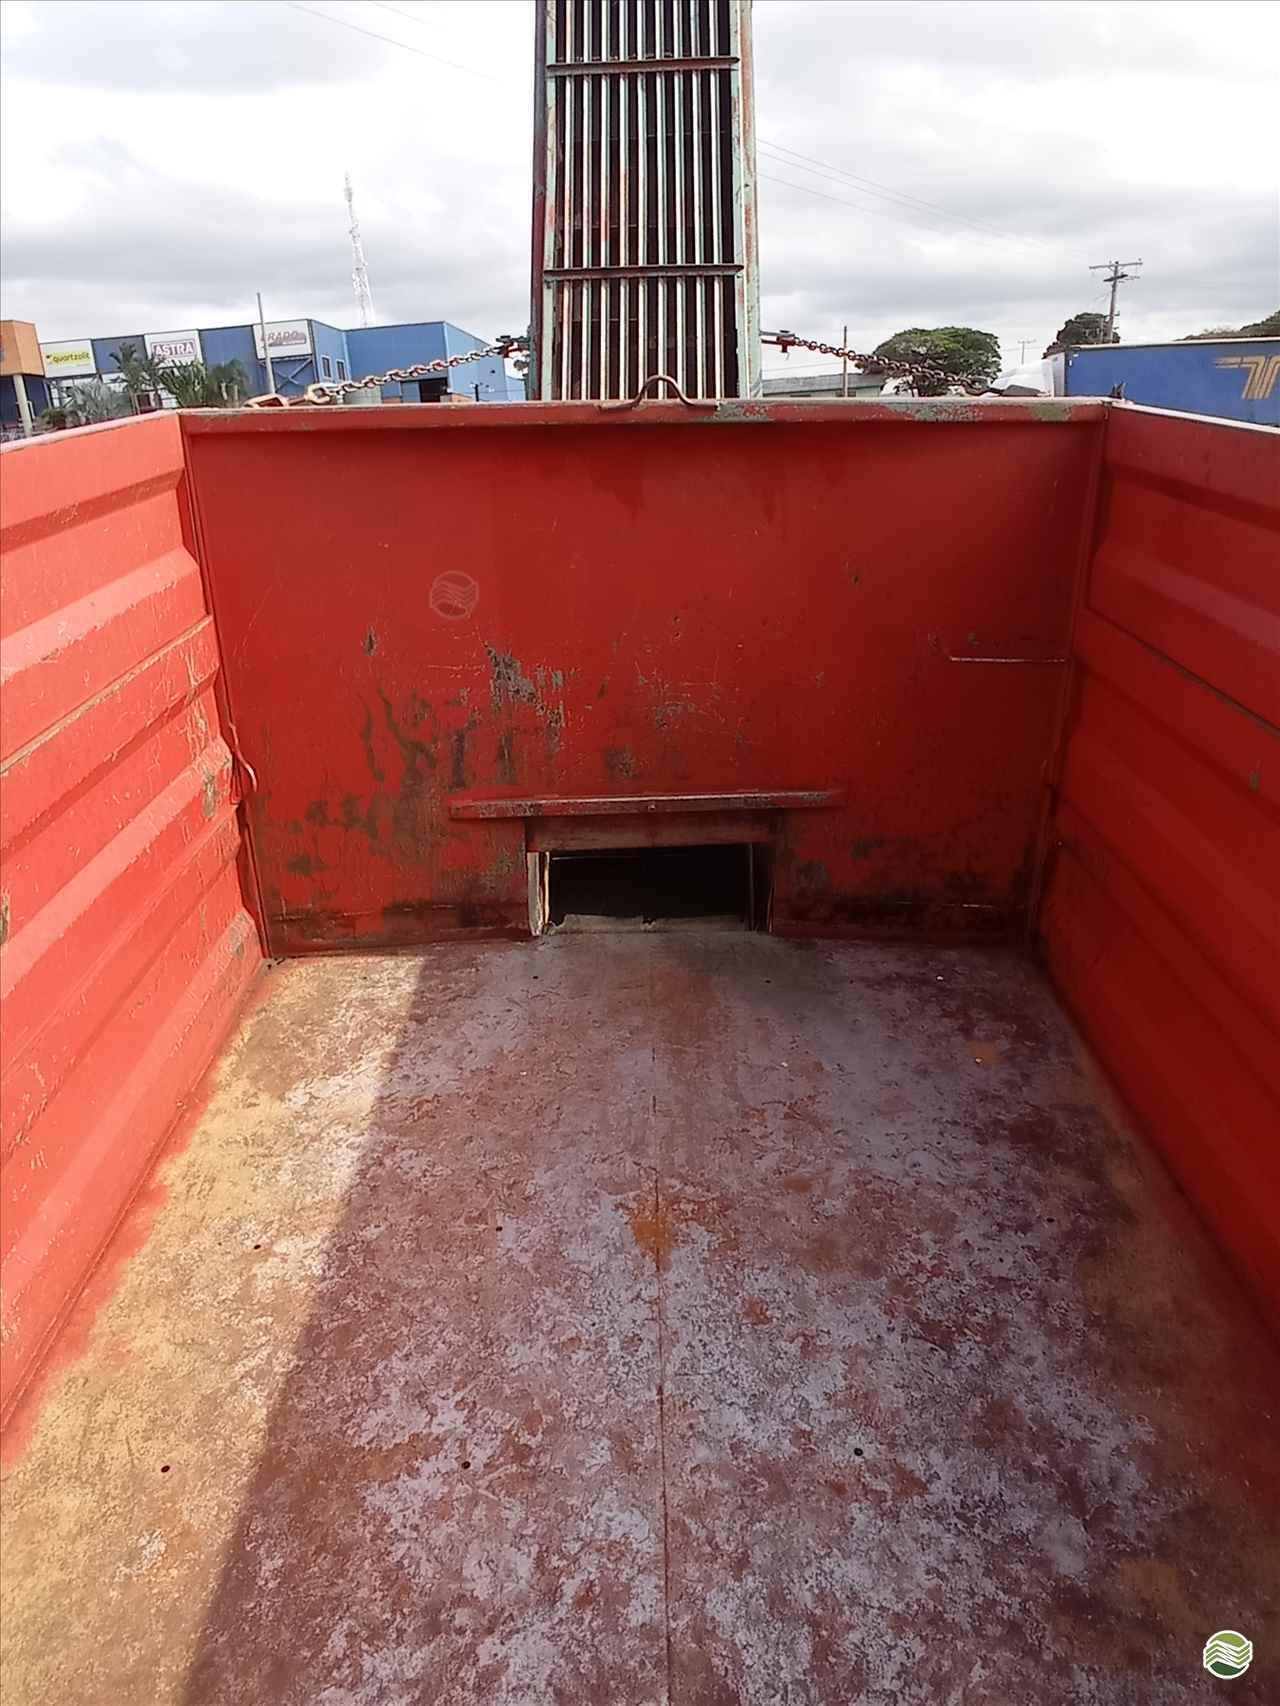 CARRETA AGRÍCOLA CARRETA BASCULANTE  2011 Souza Neto Tratores e Implementos